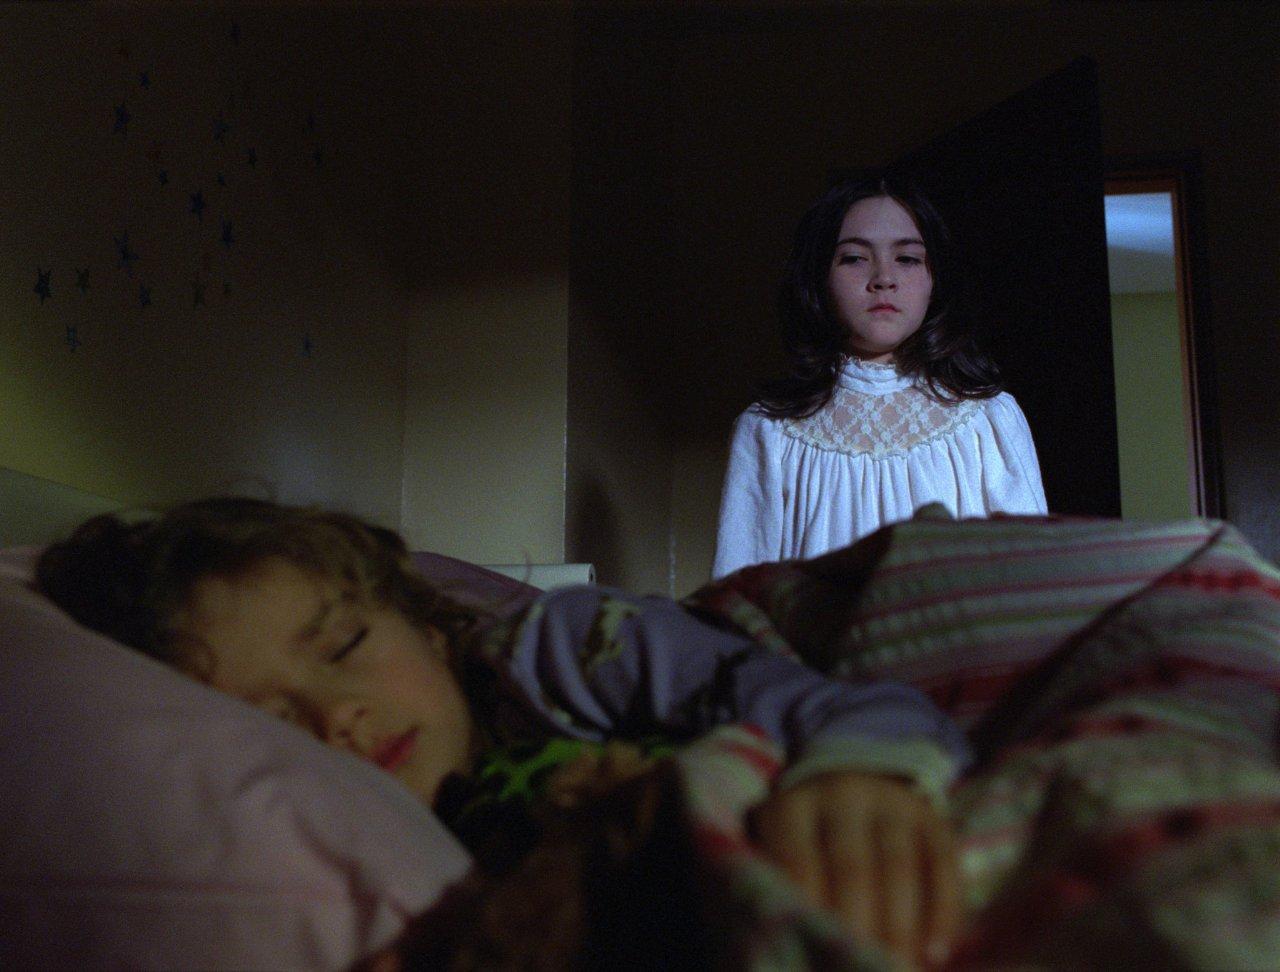 «Дитя тьмы» получит приквел. Внем жуткая девочка сбежит изроссийской психбольницы